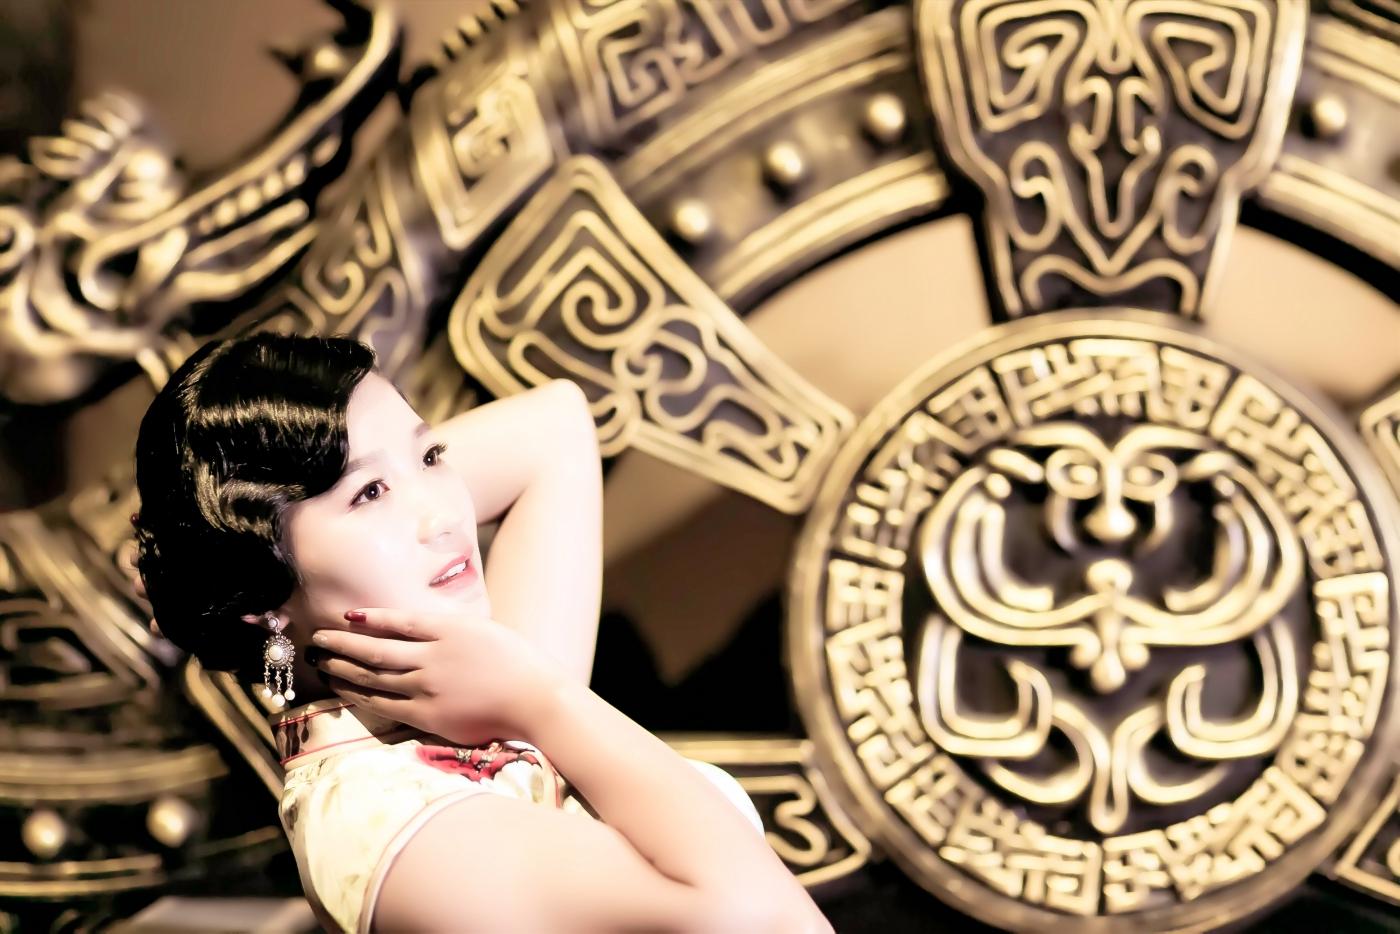 当临沂女孩孔孙懿凡遇到旗袍 一样会像王的女人一样高贵典雅 ..._图1-1